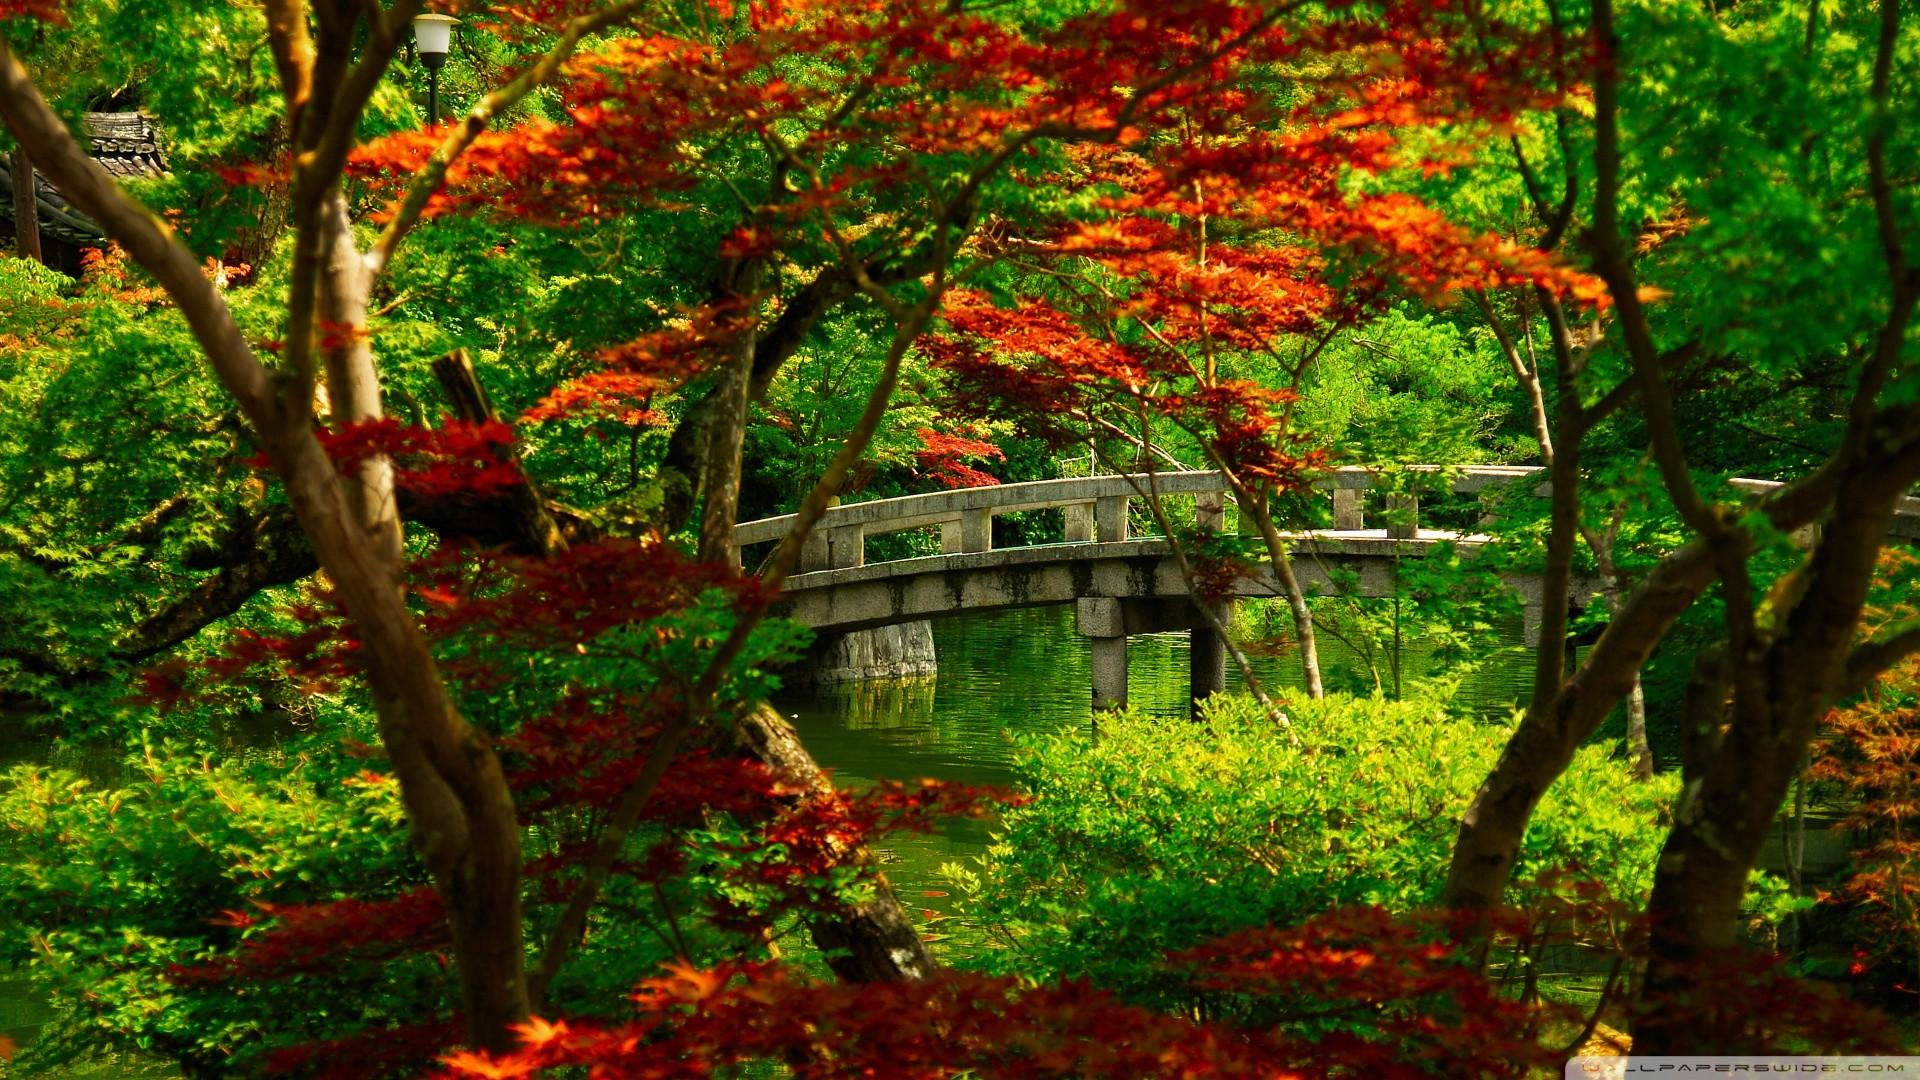 Japanese Garden Hd Wallpaper 57 Images